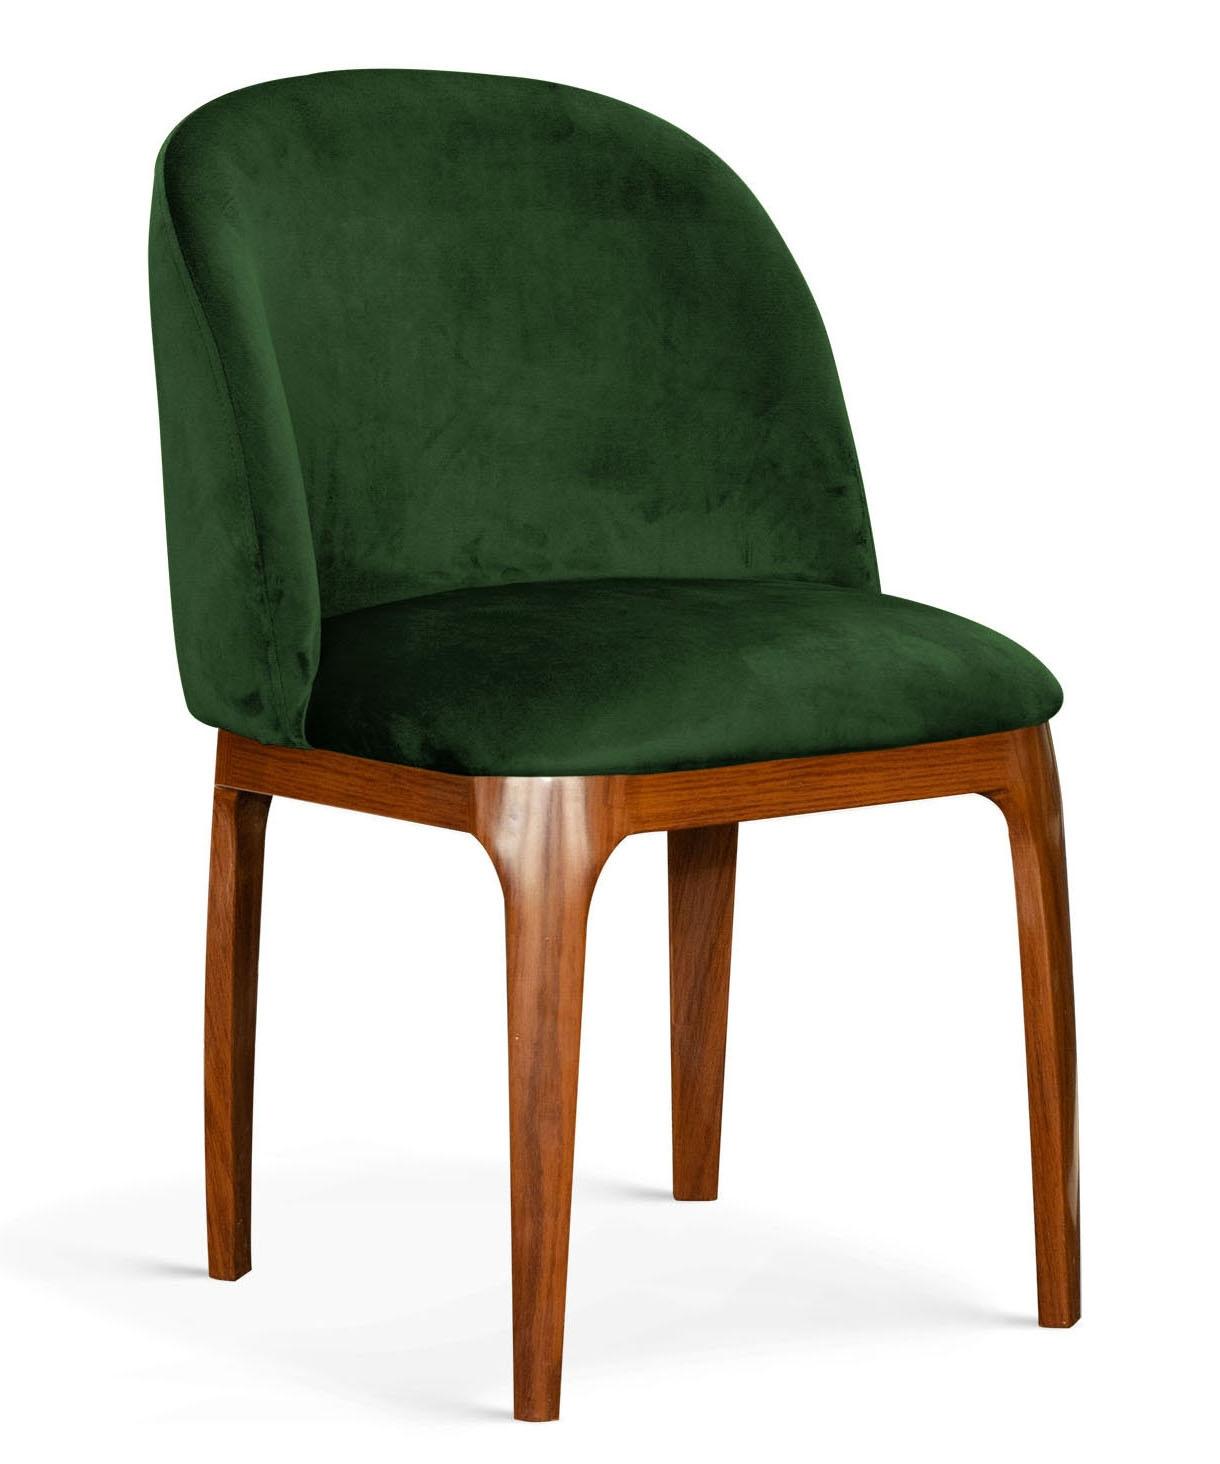 Scaun tapitat cu stofa, cu picioare metalice Grace Verde / Nuc, l53xA56xH83 cm